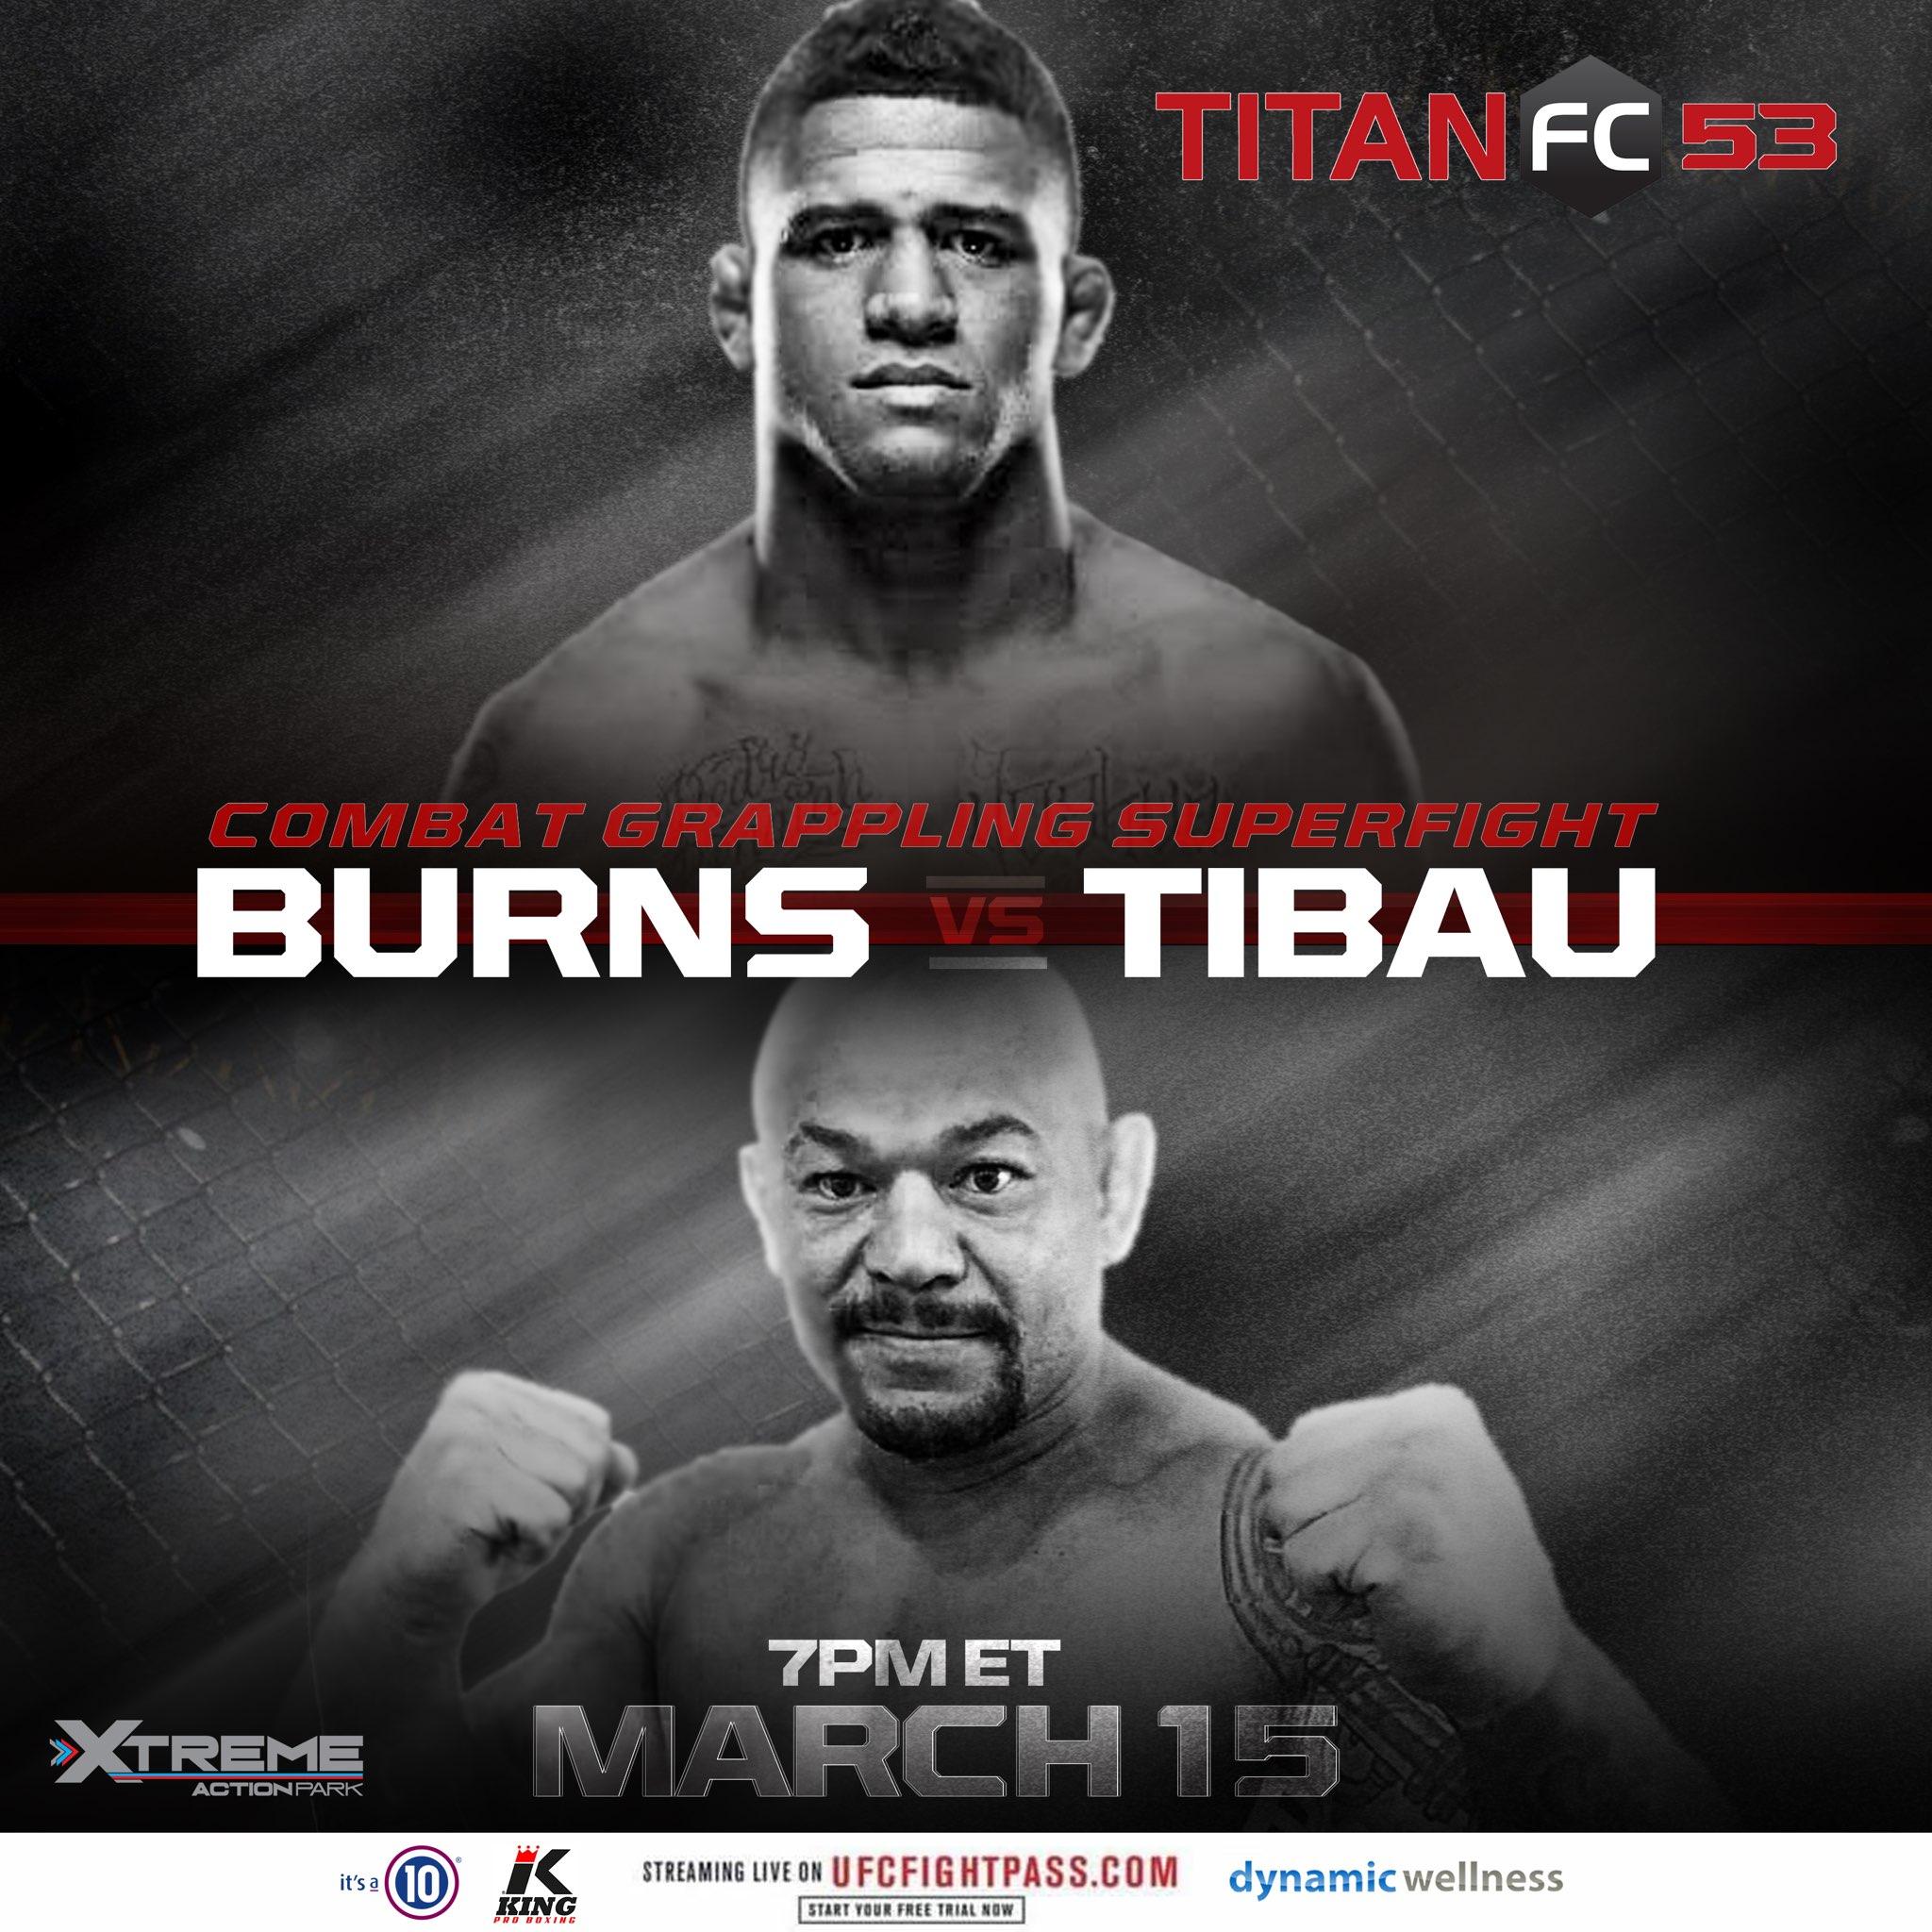 Titan FC 53, Titan FC Combat Grappling